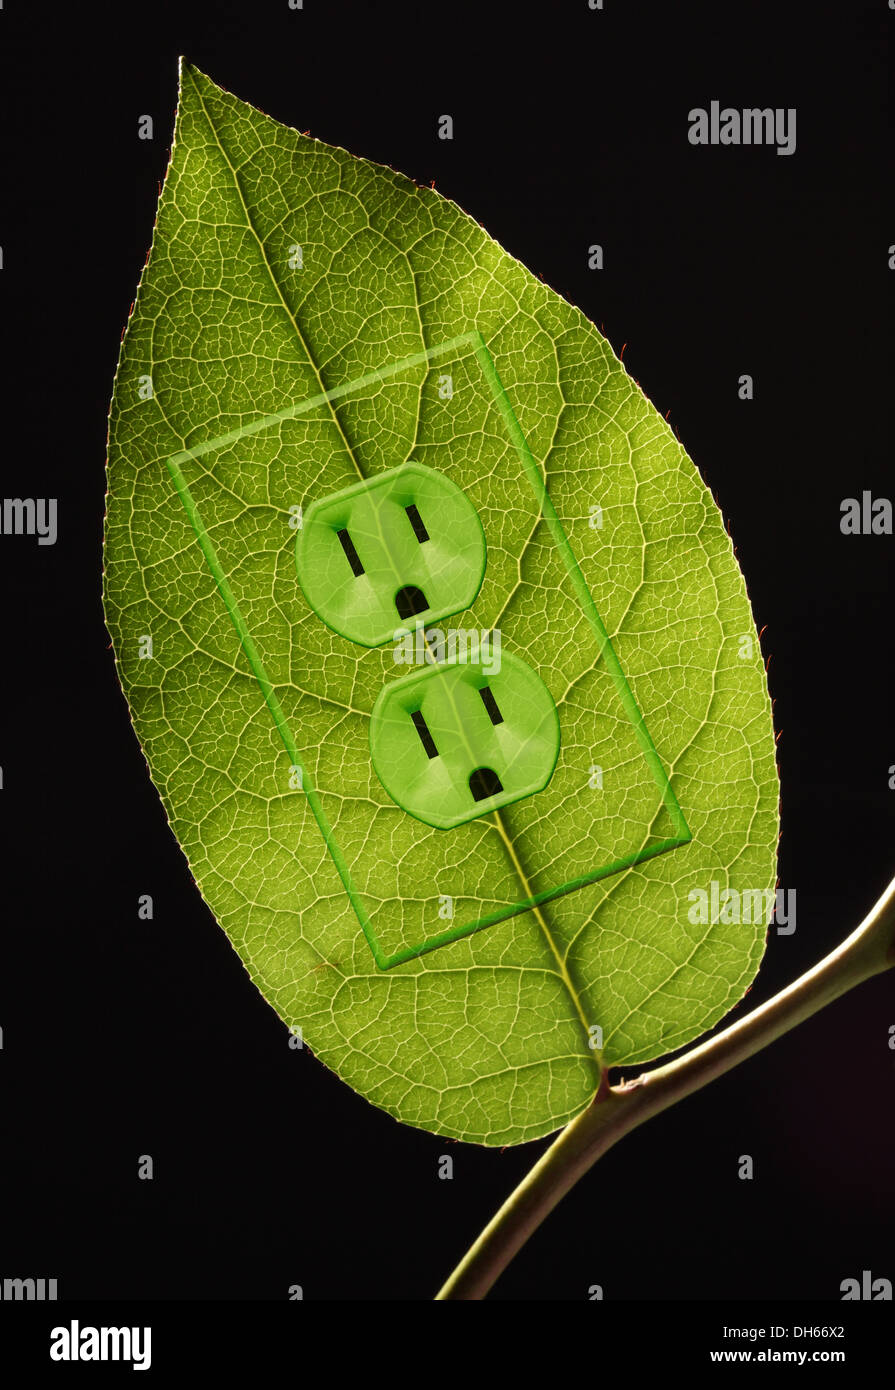 Una pianta verde foglia su di un ramo con colore verde prese elettriche aggiunto. Sfondo nero Immagini Stock